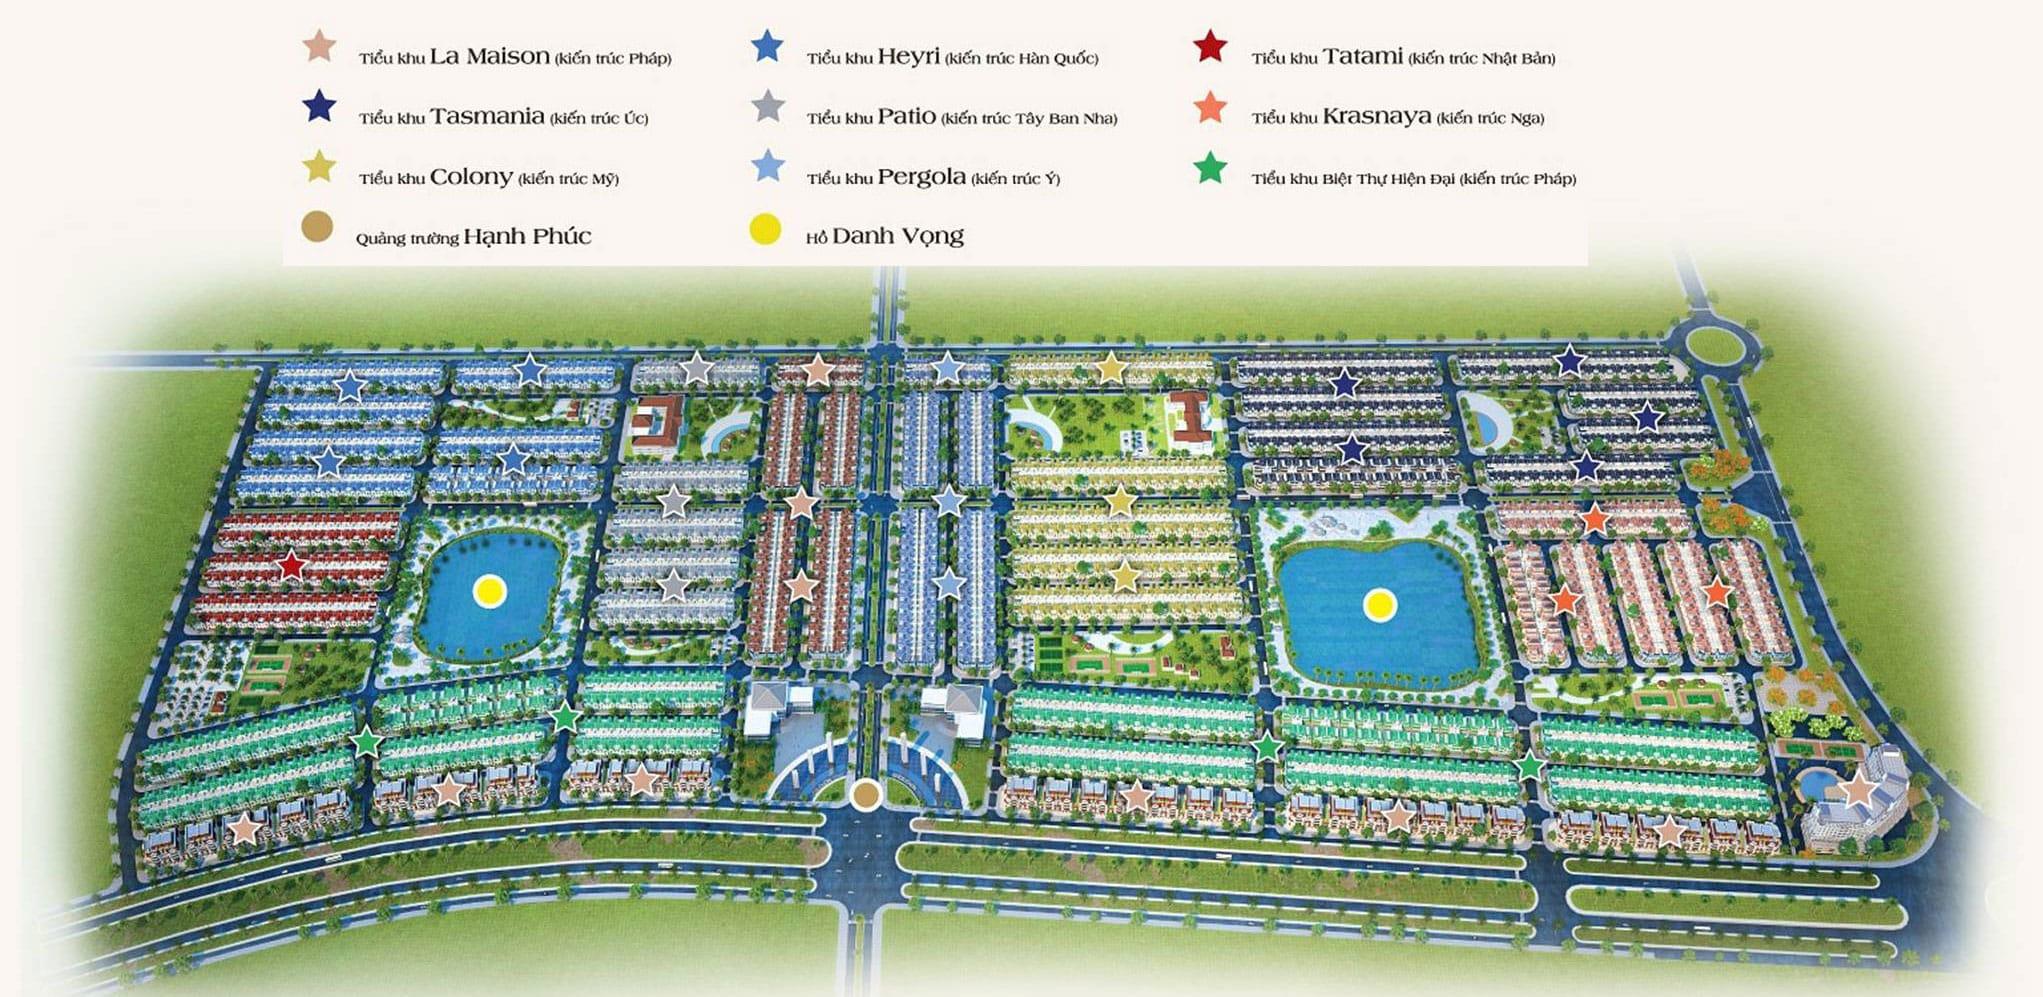 Kiến trúc thiết kế và vị trí các tiểu khu tại dự án Golden Bay Cam Ranh